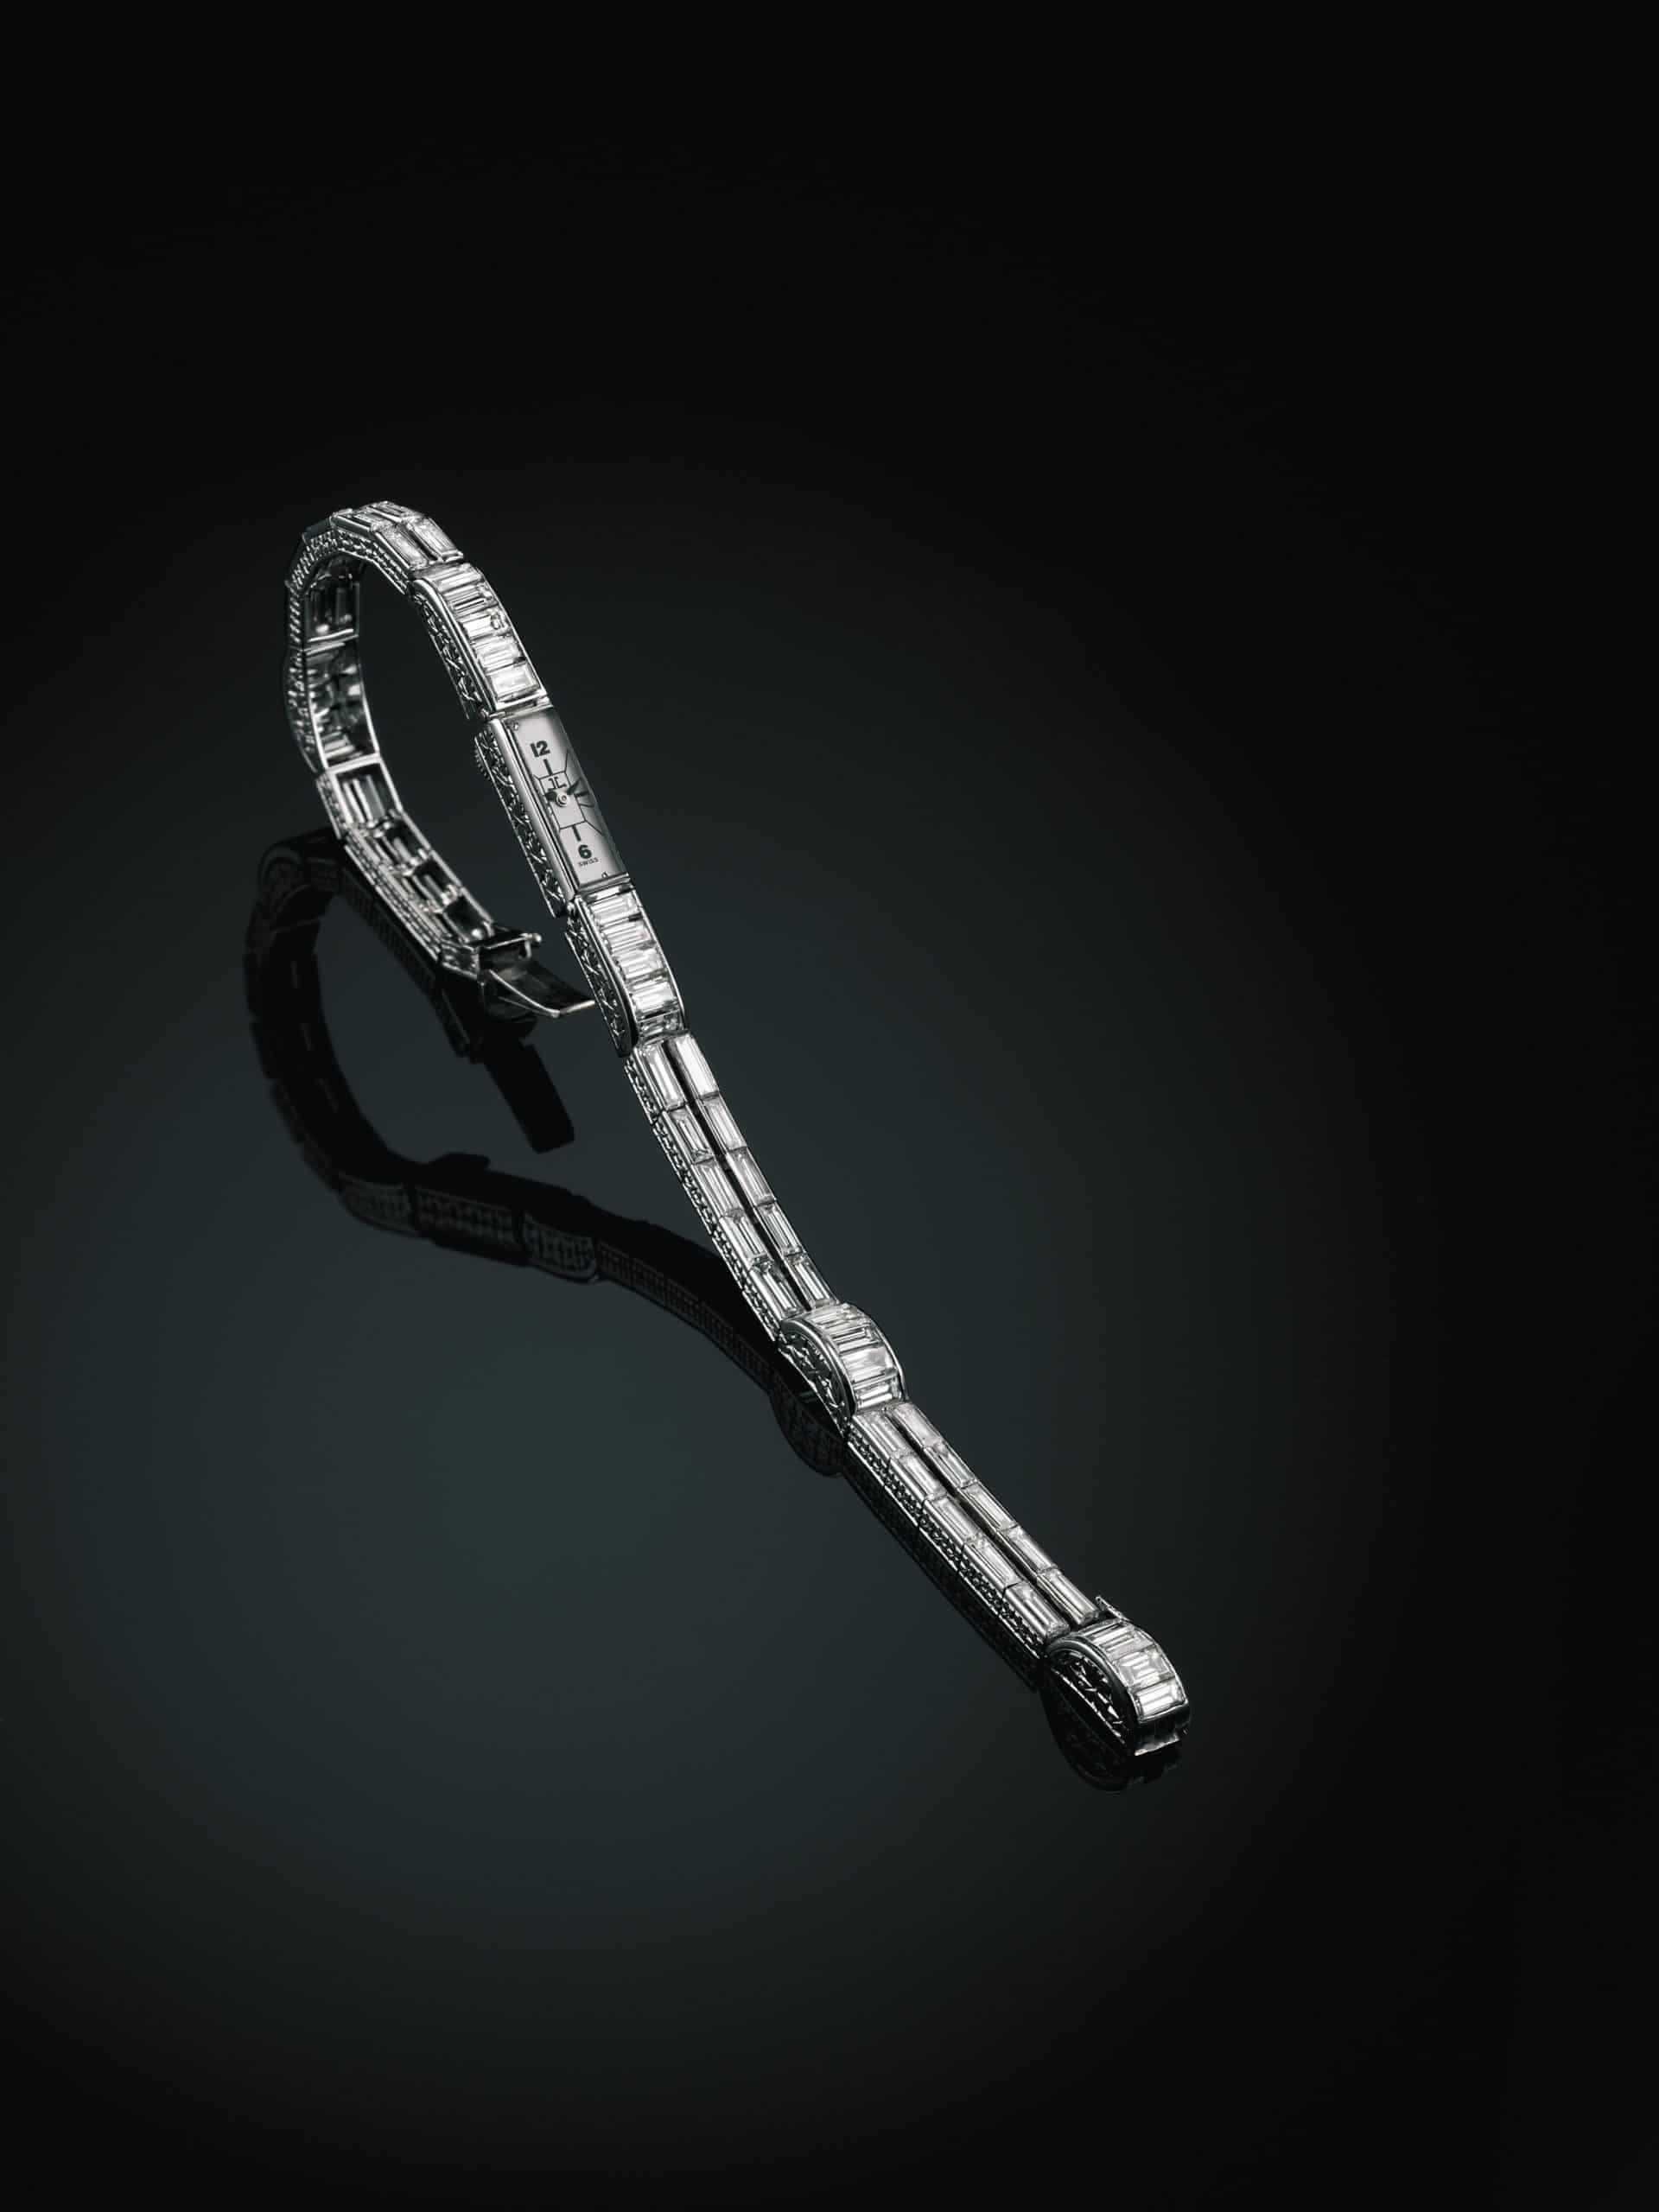 1929 entwickelte LeCoultre ein winziges, 0,7 Gramm schweres baguetteförmiges Uhrwerk. Trotz seiner Leichtigkeit konnte es sich nicht im breiten Markt durchsetzen, wurde aber bereits mehrfach am Arm gekrönter Häupter gesichtet.